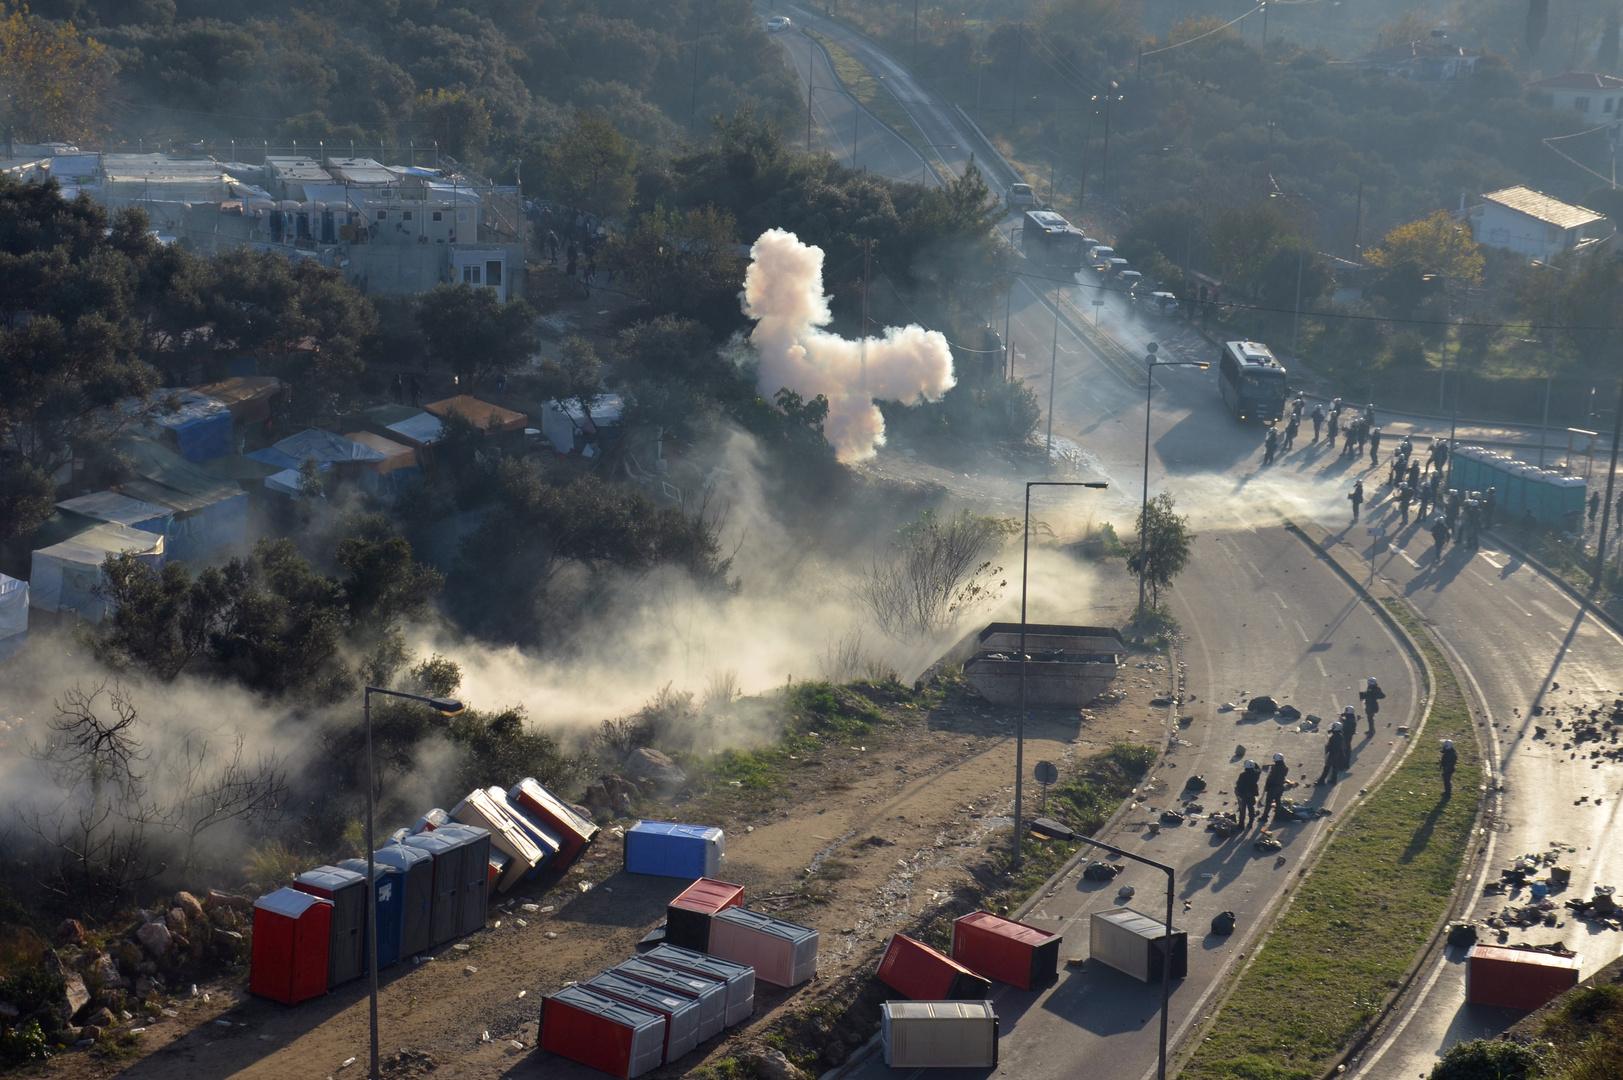 دخان ناجم عن  الغاز المسيل للدموع  بالقرب من مخيم للاجئين والمهاجرين، أثناء الاشتباكات بين المهاجرين وشرطة مكافحة الشغب ، في جزيرة ساموس